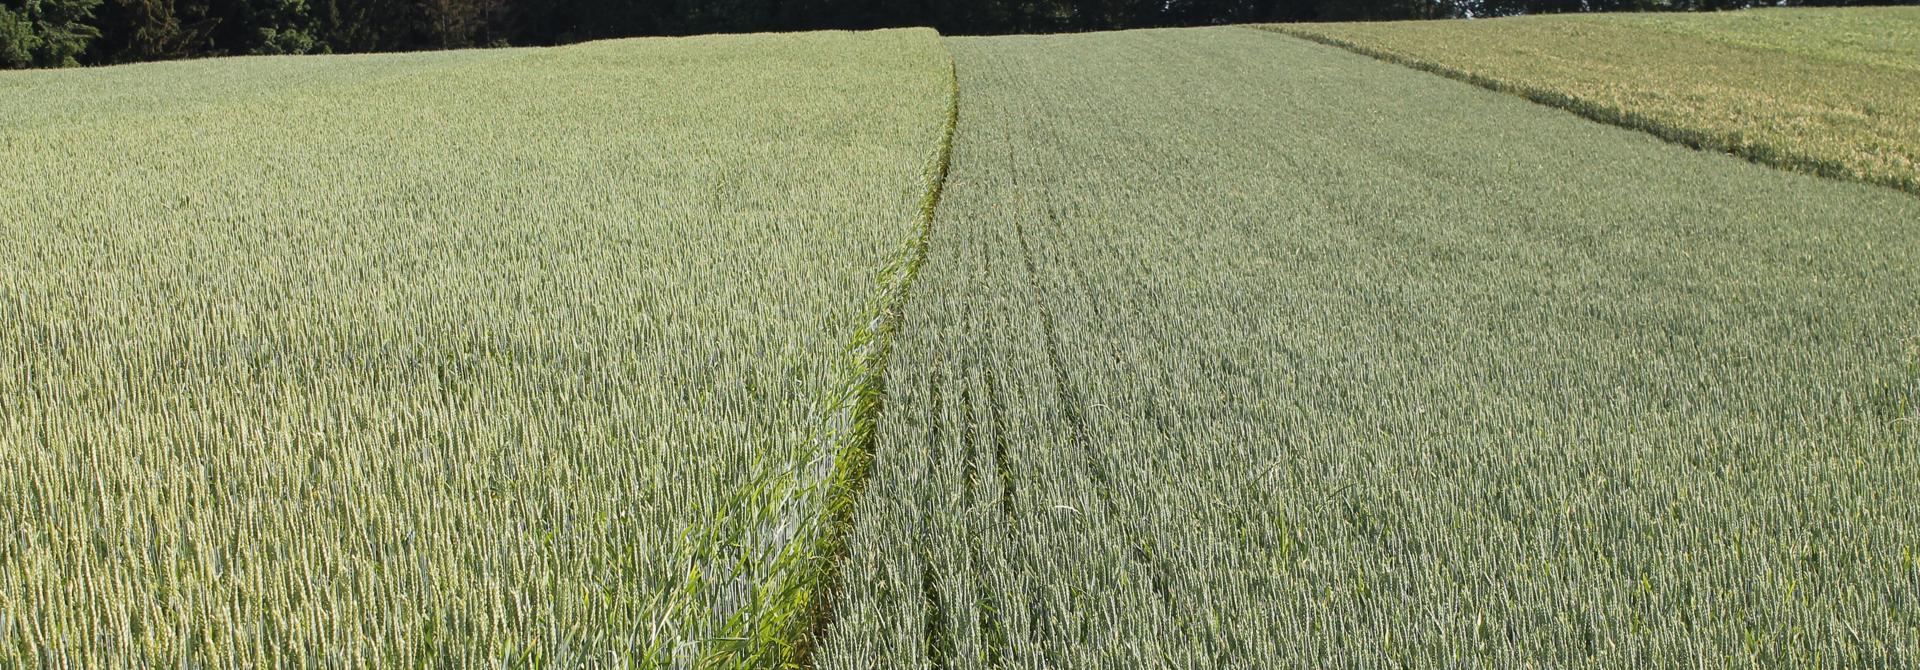 Die Biosorte TENGRI (links) neben der kurzstrohigen Sorte NARA mit Saatabstand 12cm (rechts) am 1. Juni 2018. Die Varianten mit 12 cm Reihenabstand erreichten deutlich hu00f6here Ertru00e4ge als die Verfahren mit weiten Reihen (Bild: K. Carrel, Strickhof)>